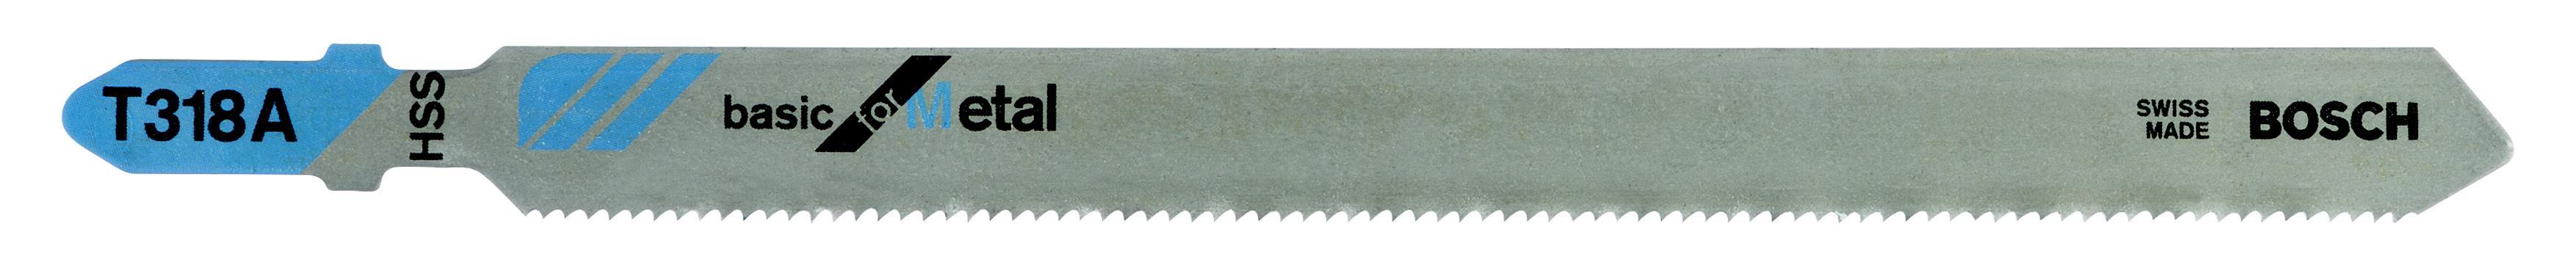 Купить Пилки для лобзика Bosch T318a (2.608.631.319), Швейцария